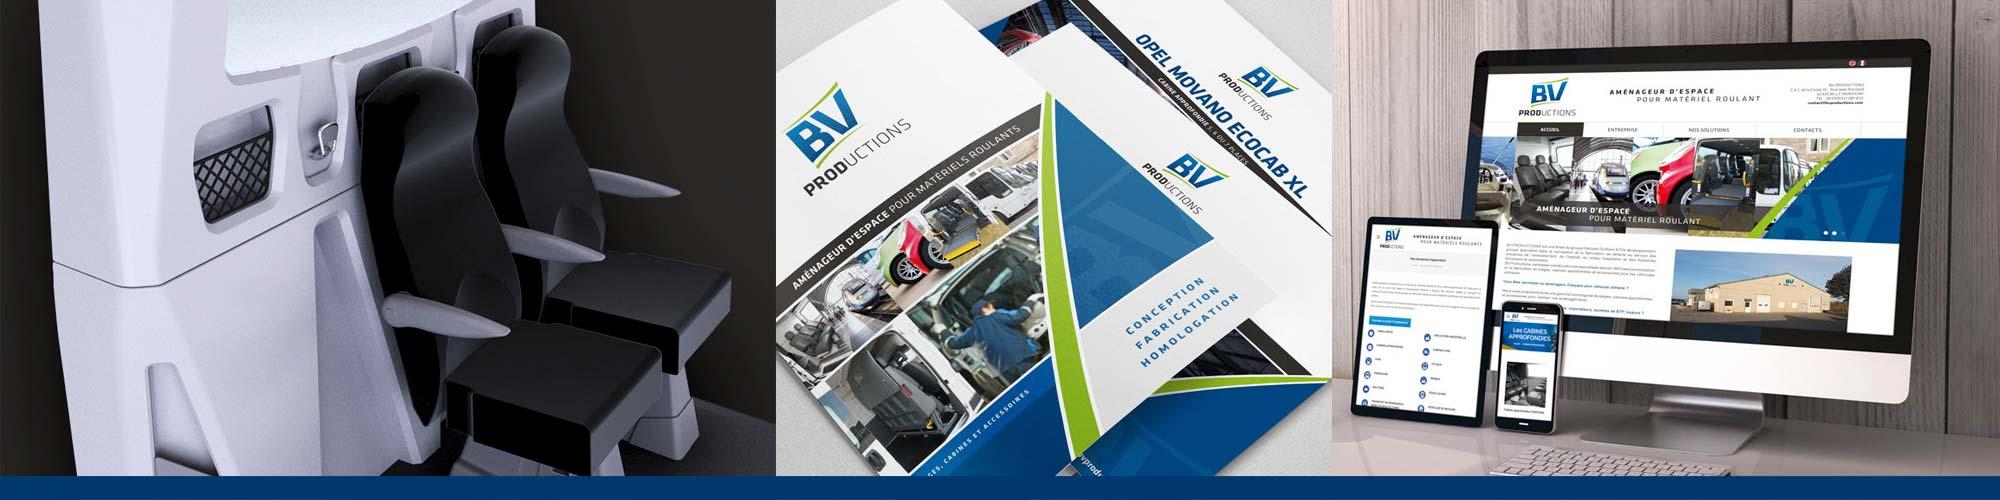 BV productions - Entreprise spécialisée dans la conception et fabrication d'aménagement pour les véhicules roulants / Accompagnement ILÔ Créatif : Identité de marque & Design de produit